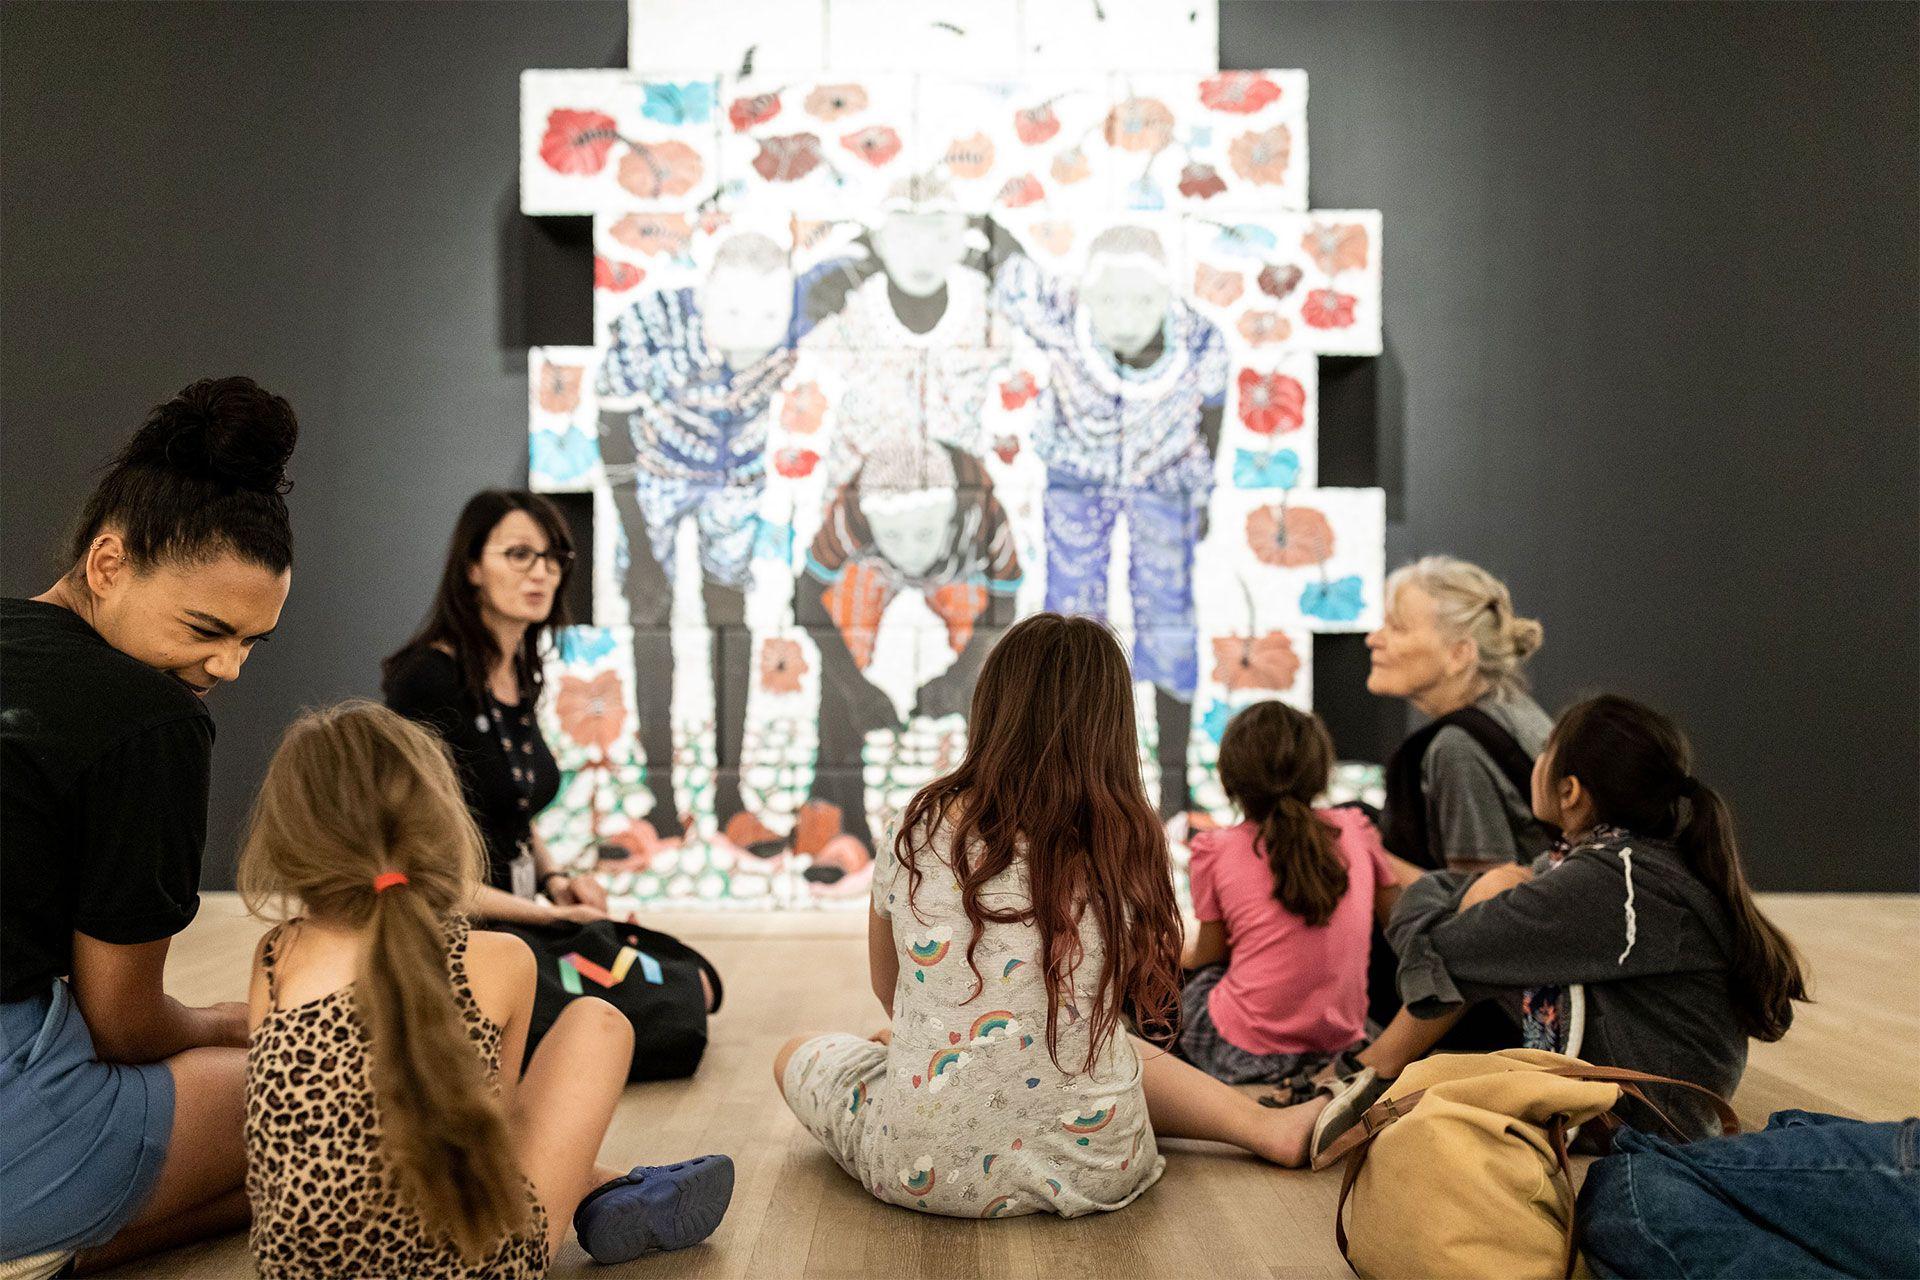 Un groupe d'enfants écoute une médiatrice devant une oeuvre. Photo © Mikaël Theimer (MKL)